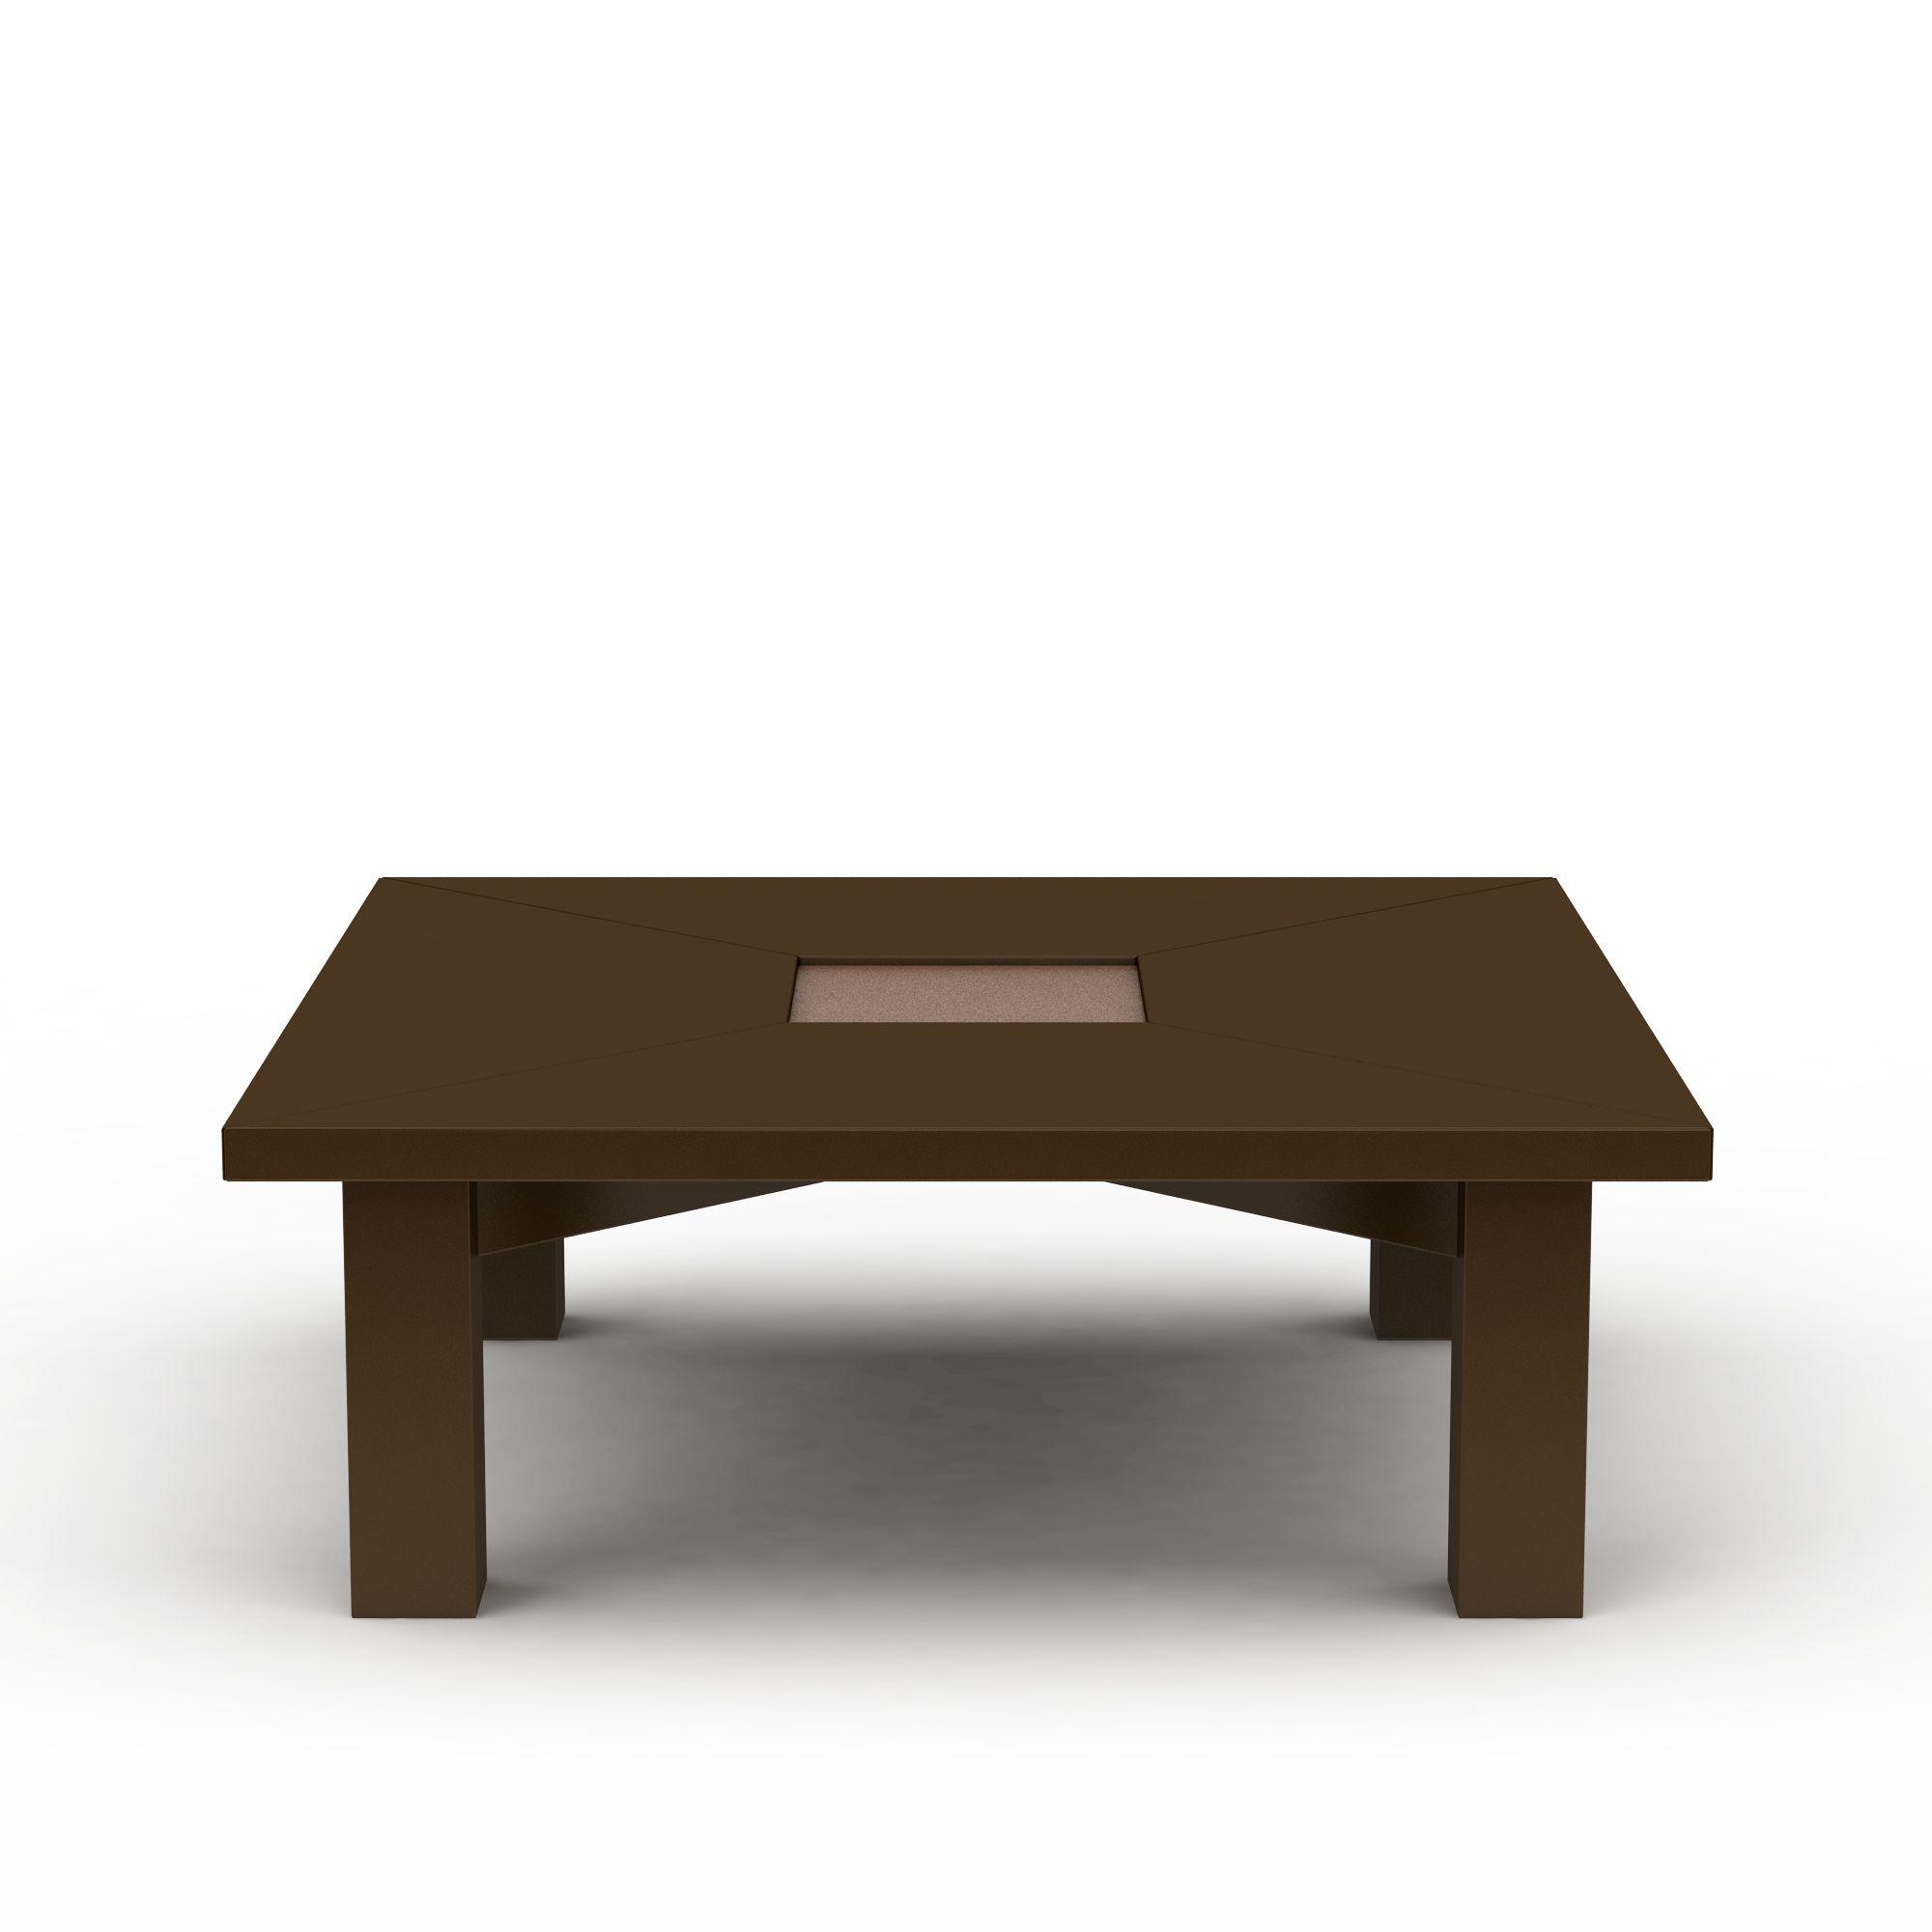 关键词:实木桌子3d模型方形桌子3d模型四脚桌子3d模型中式桌子3d模型图片